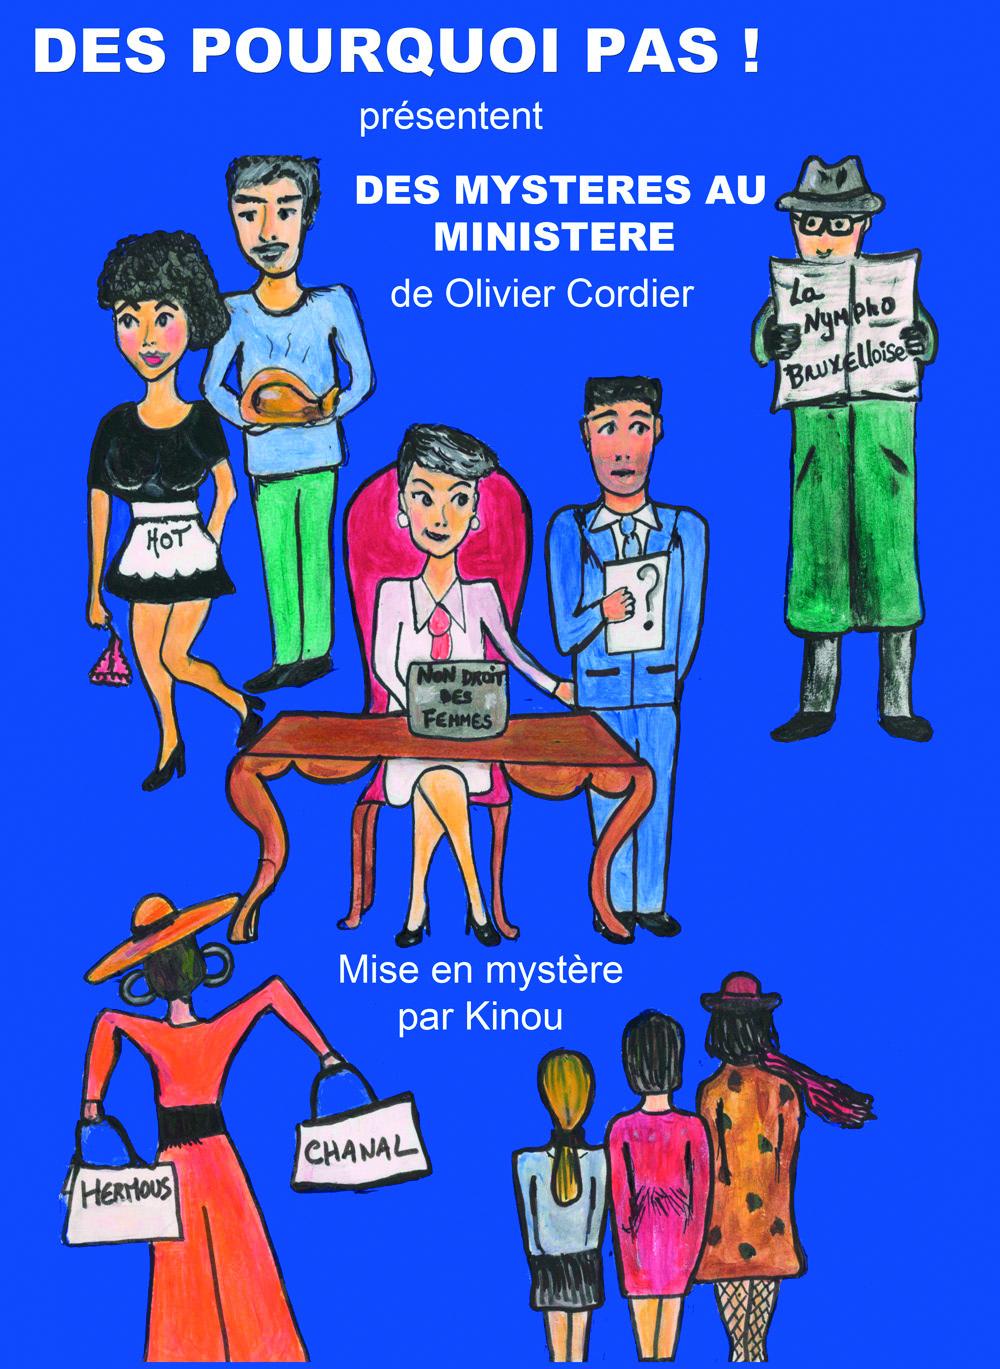 ANNULÉ - DES MYSTÈRES AU MINISTÈRE